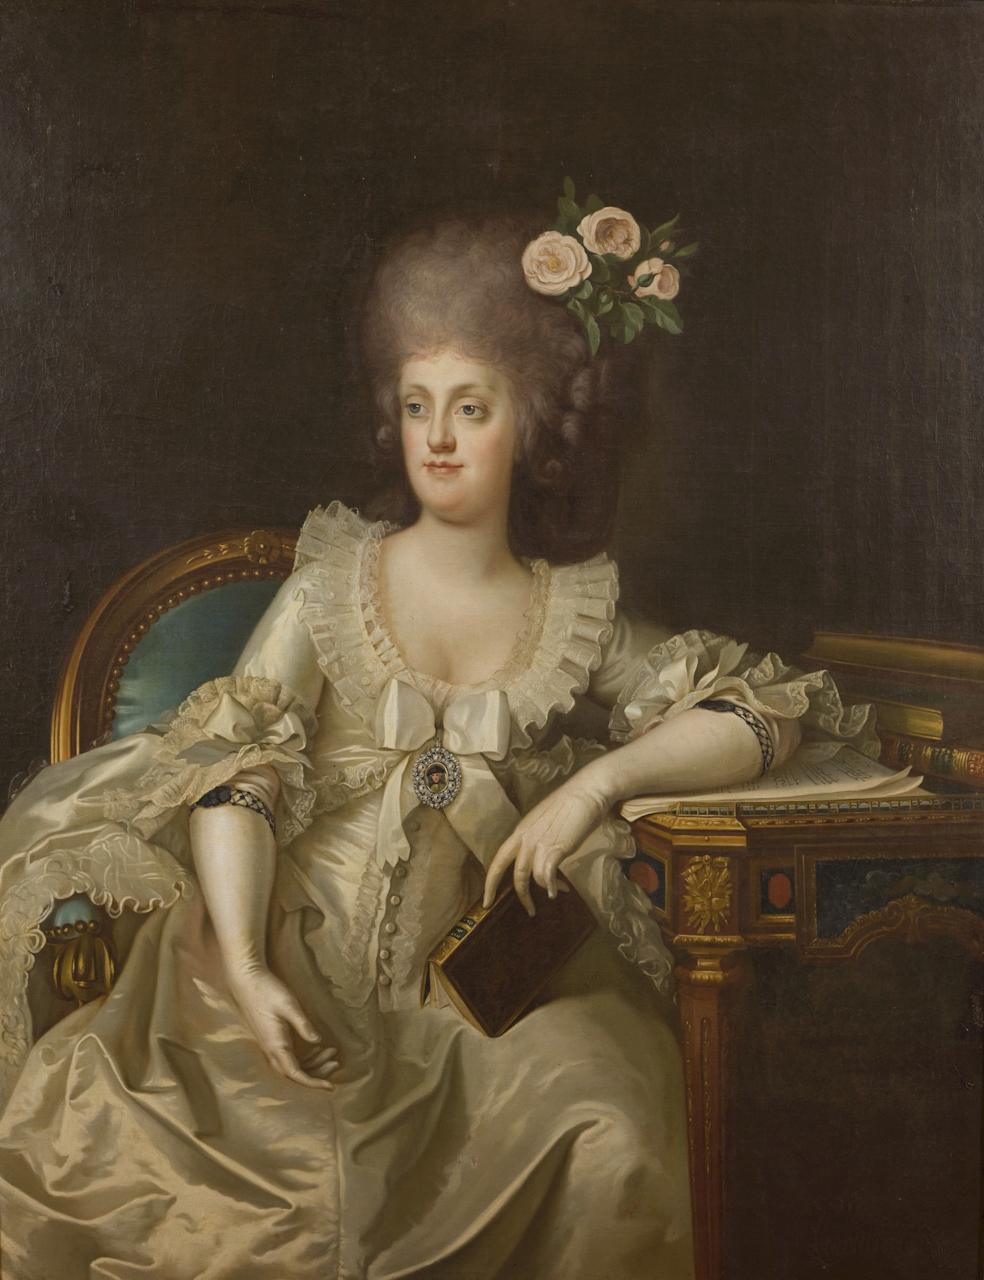 Portraits de Marie Caroline d'Autriche, reine de Naples et de Sicile - Page 4 Camill13